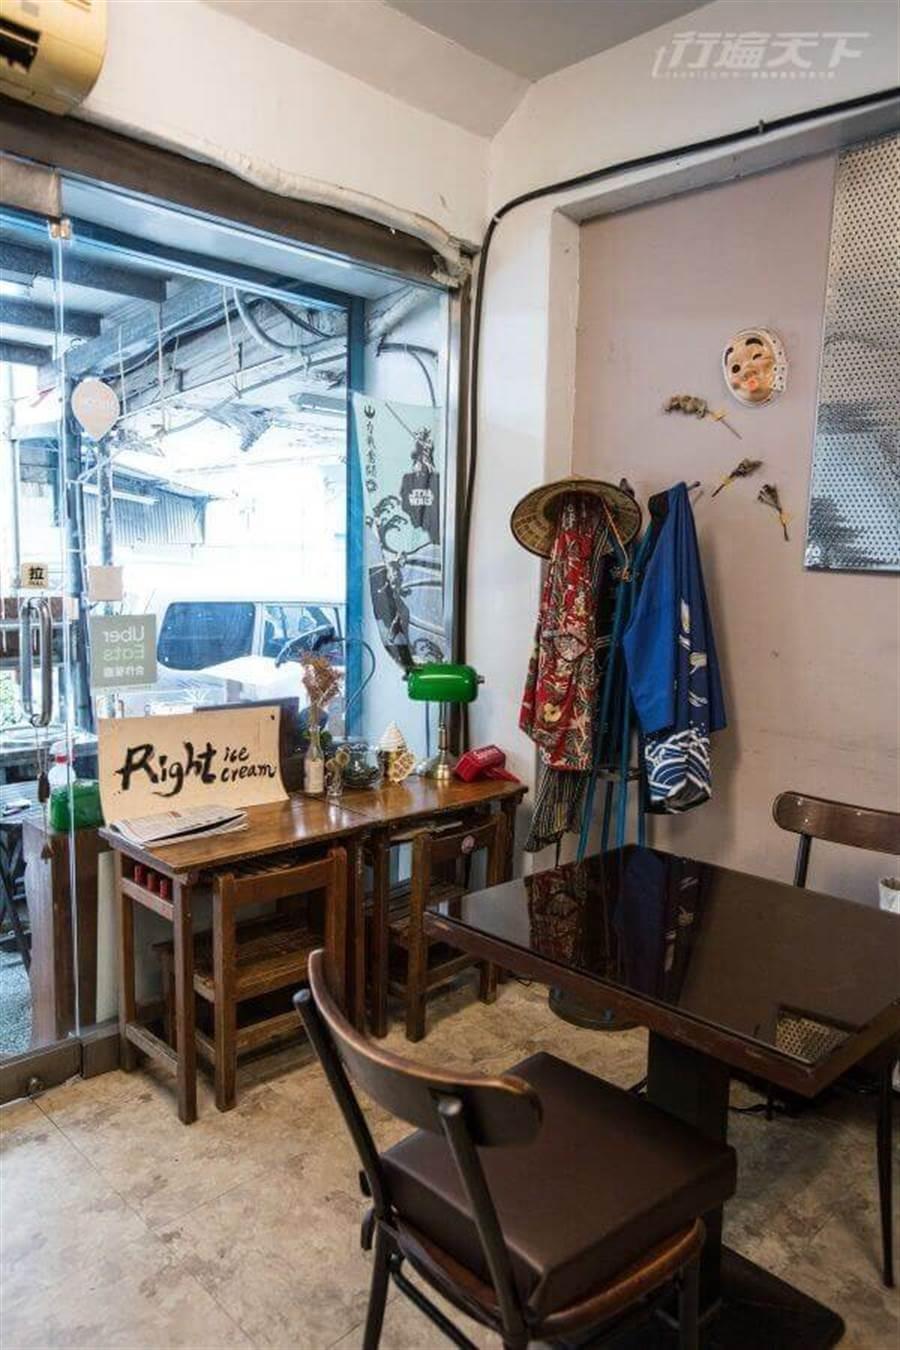 帶點復古風味的店內空間,還有學生課桌椅的童趣感。(圖/行遍天下提供)